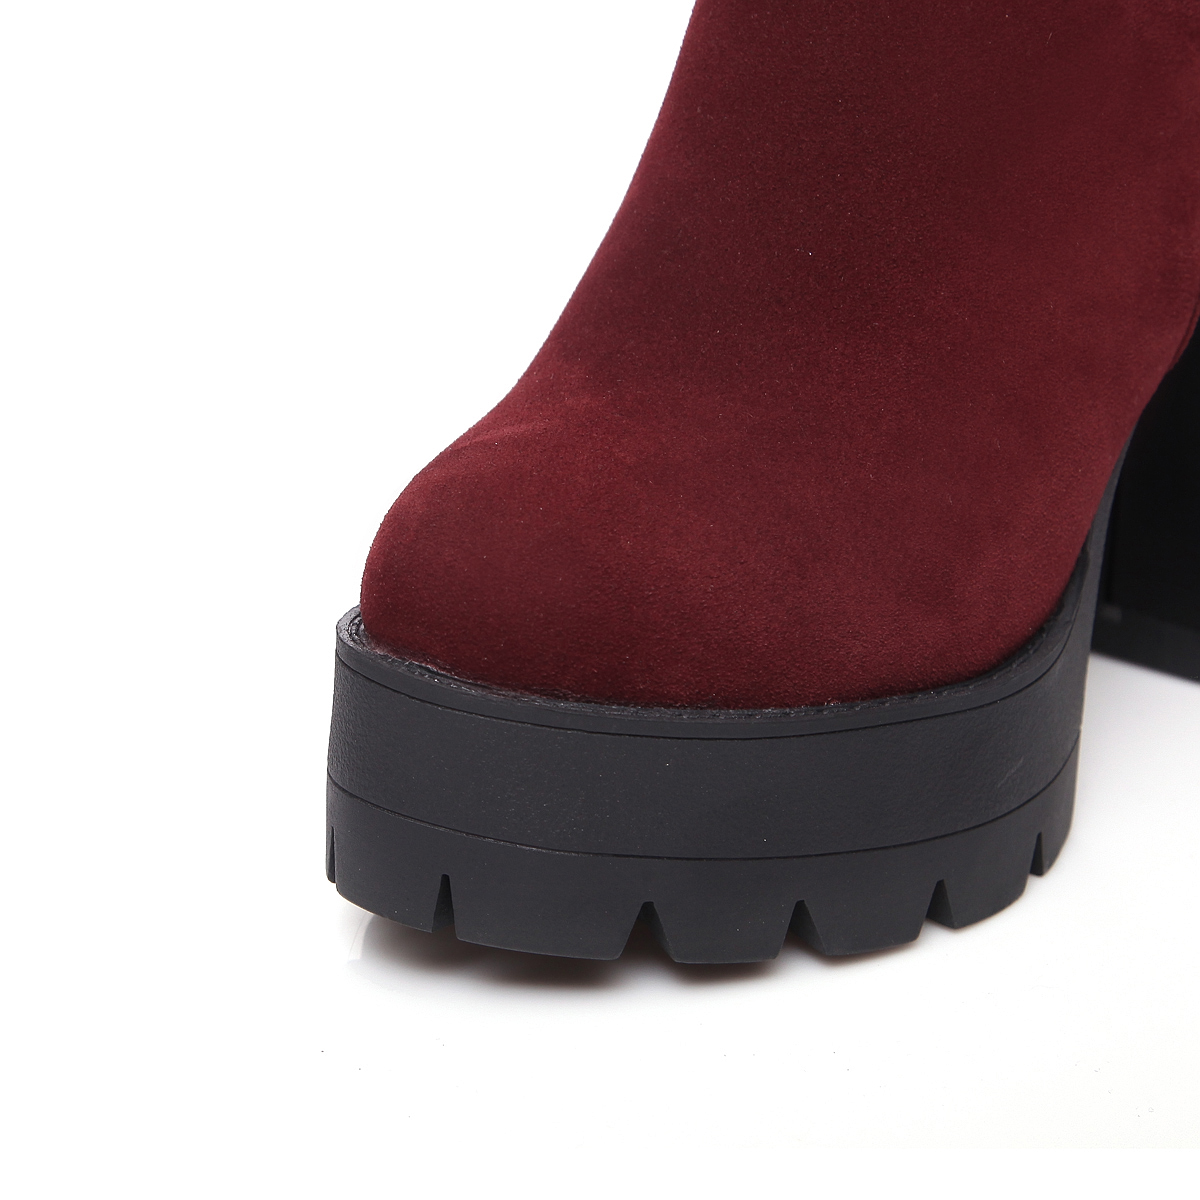 Partie Il Bottes 11 2019 Noir 5 Automne Et Vin De vin Haute Rouge Printemps Mode Cm Super Femmes Talon Chaussures Noir Cheville SVUqzMp